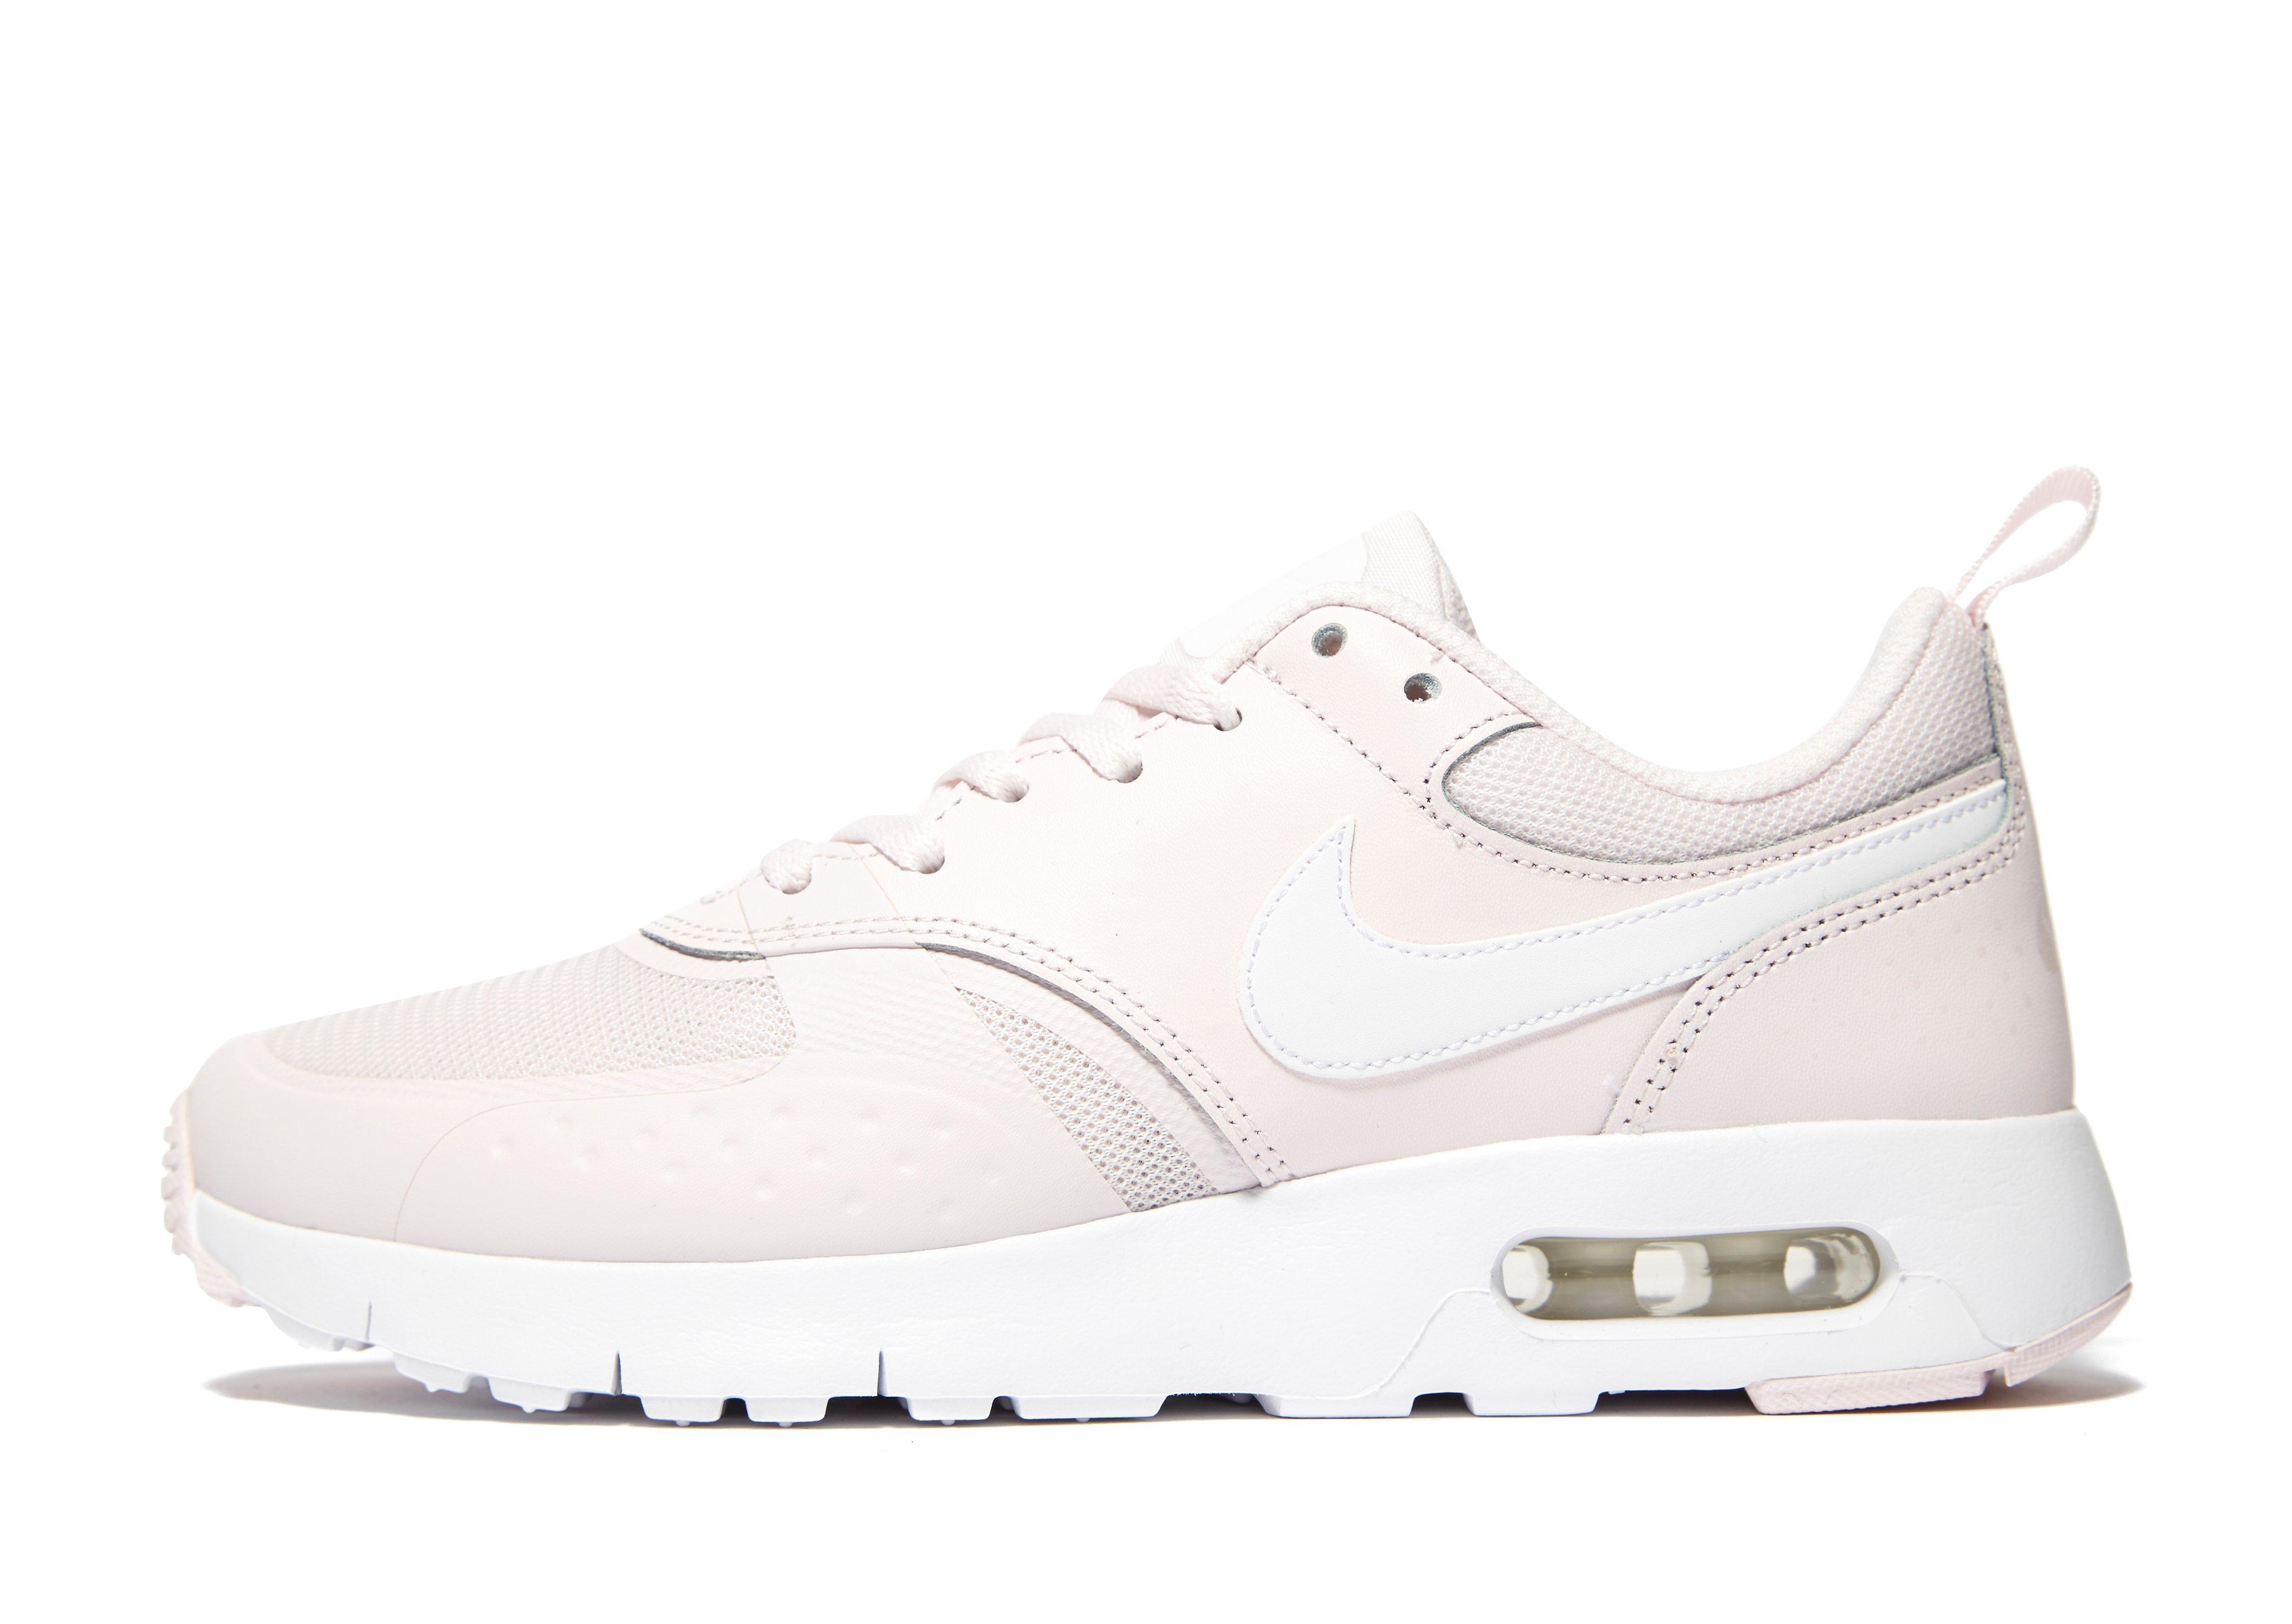 nike air max vision pink and grey